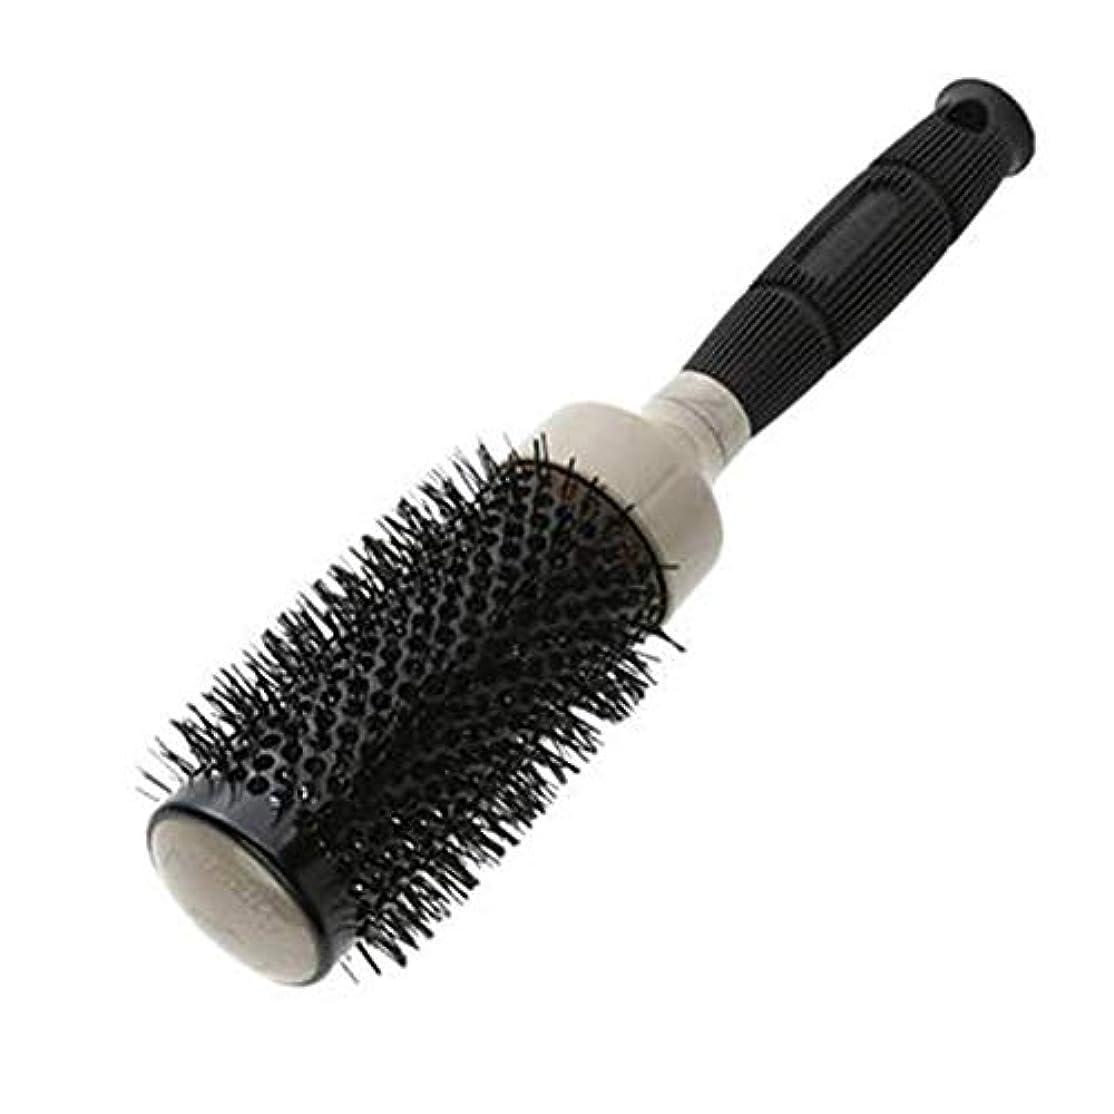 チョップご注意ノベルティJiashenghuang セラミックカーリングブラシ理髪サロンスタイリングツールラウンドヘアブラシマッサージ (Color : '53)